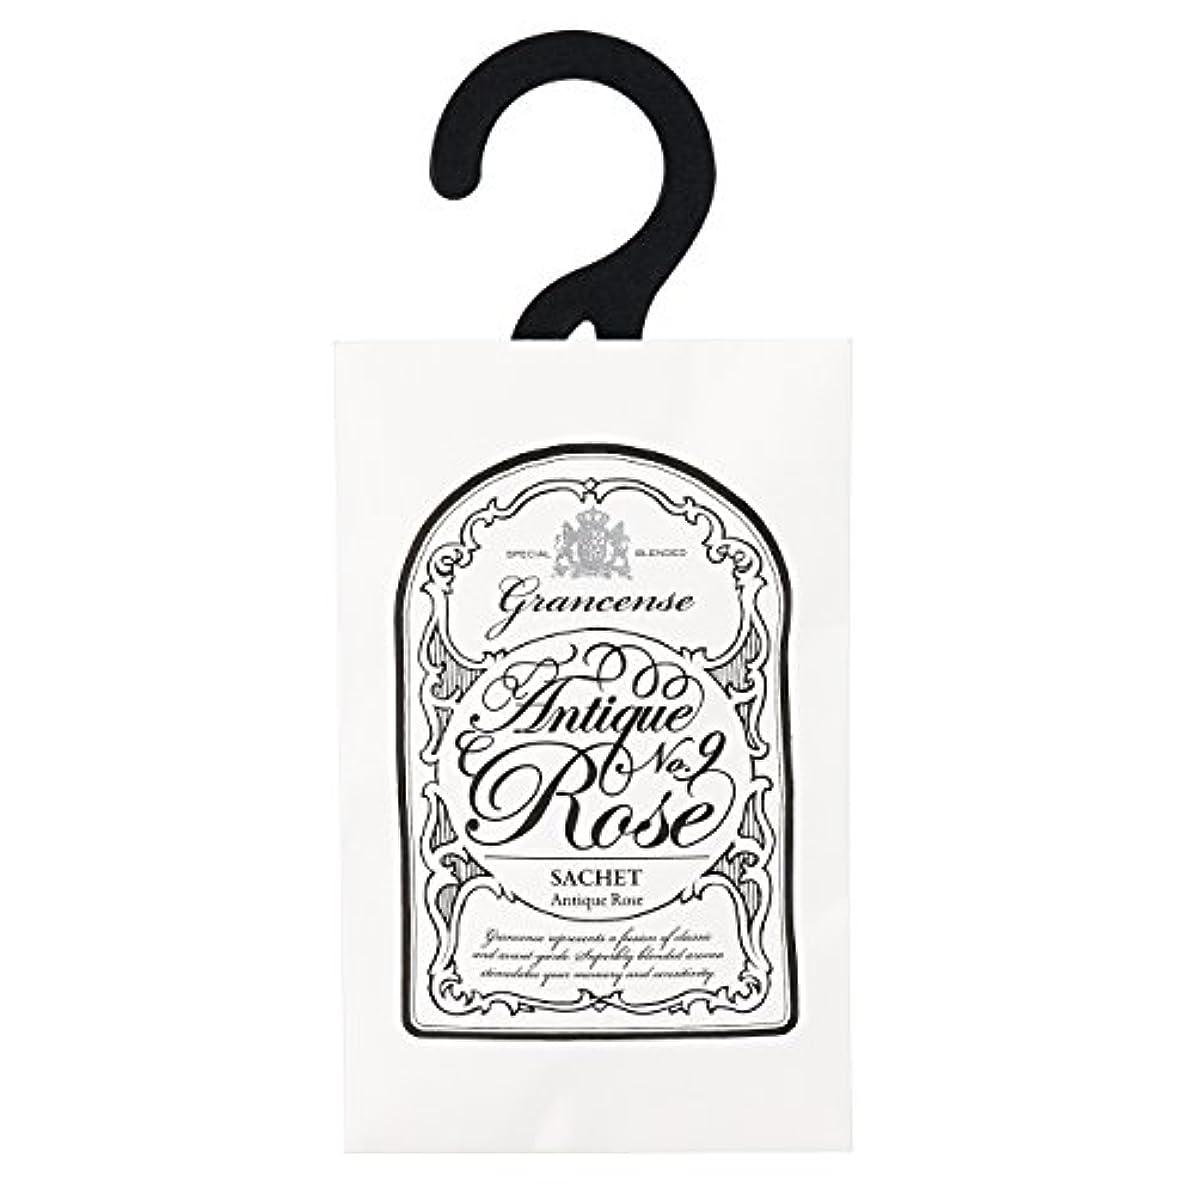 賞複製一緒にグランセンス サシェ(約2~4週間) アンティークローズ 12g(芳香剤 香り袋 アロマサシェ カシスの青さとローズをミックスした印象深い香り)